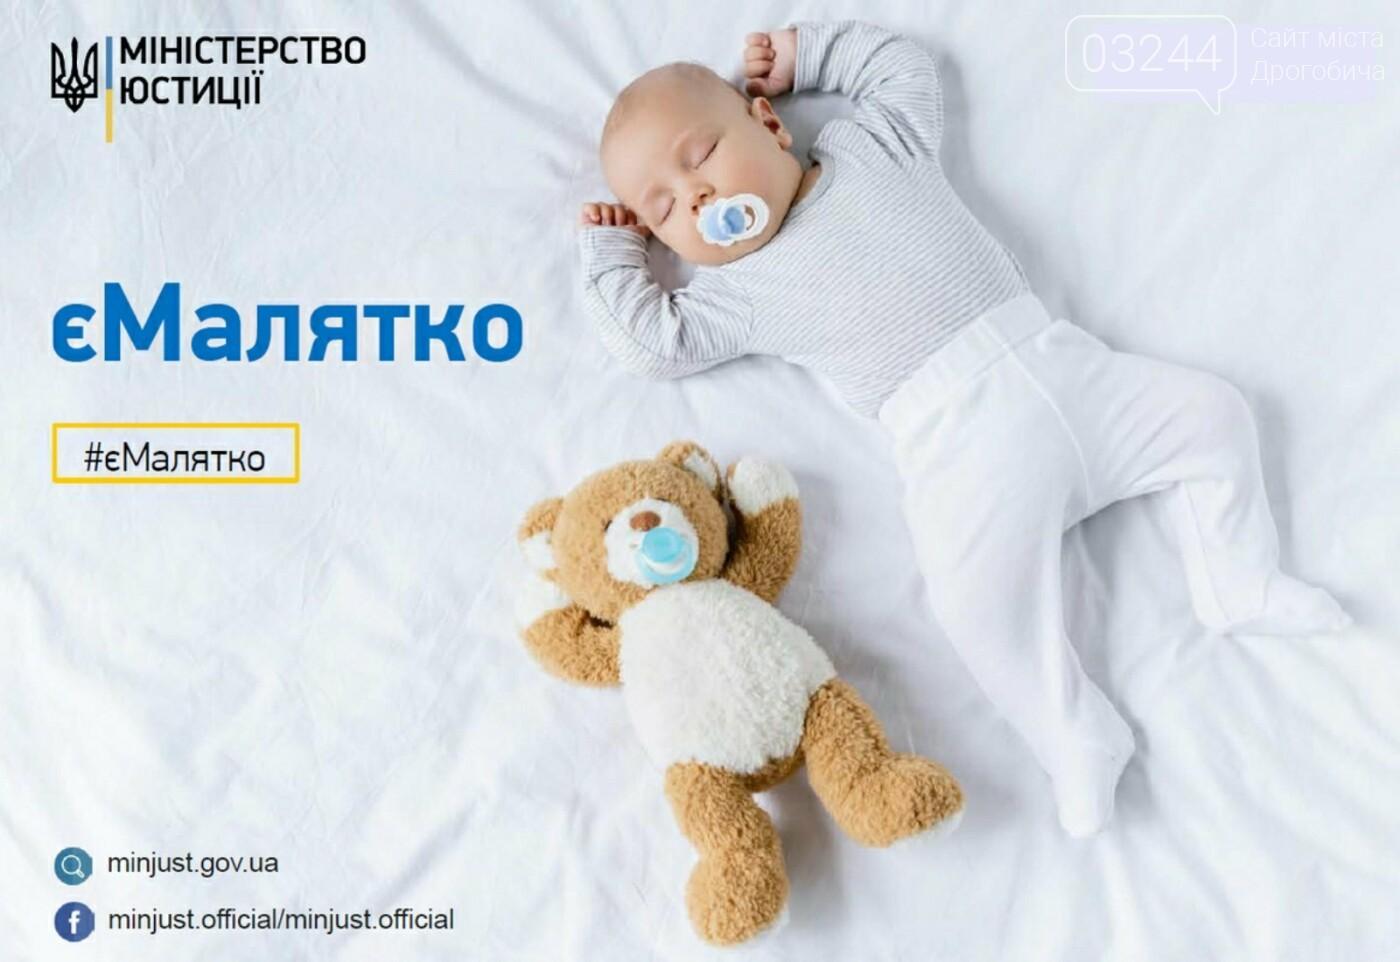 «єМалятко» в «Дії»: як зареєструвати новонародженого онлайн, фото-1